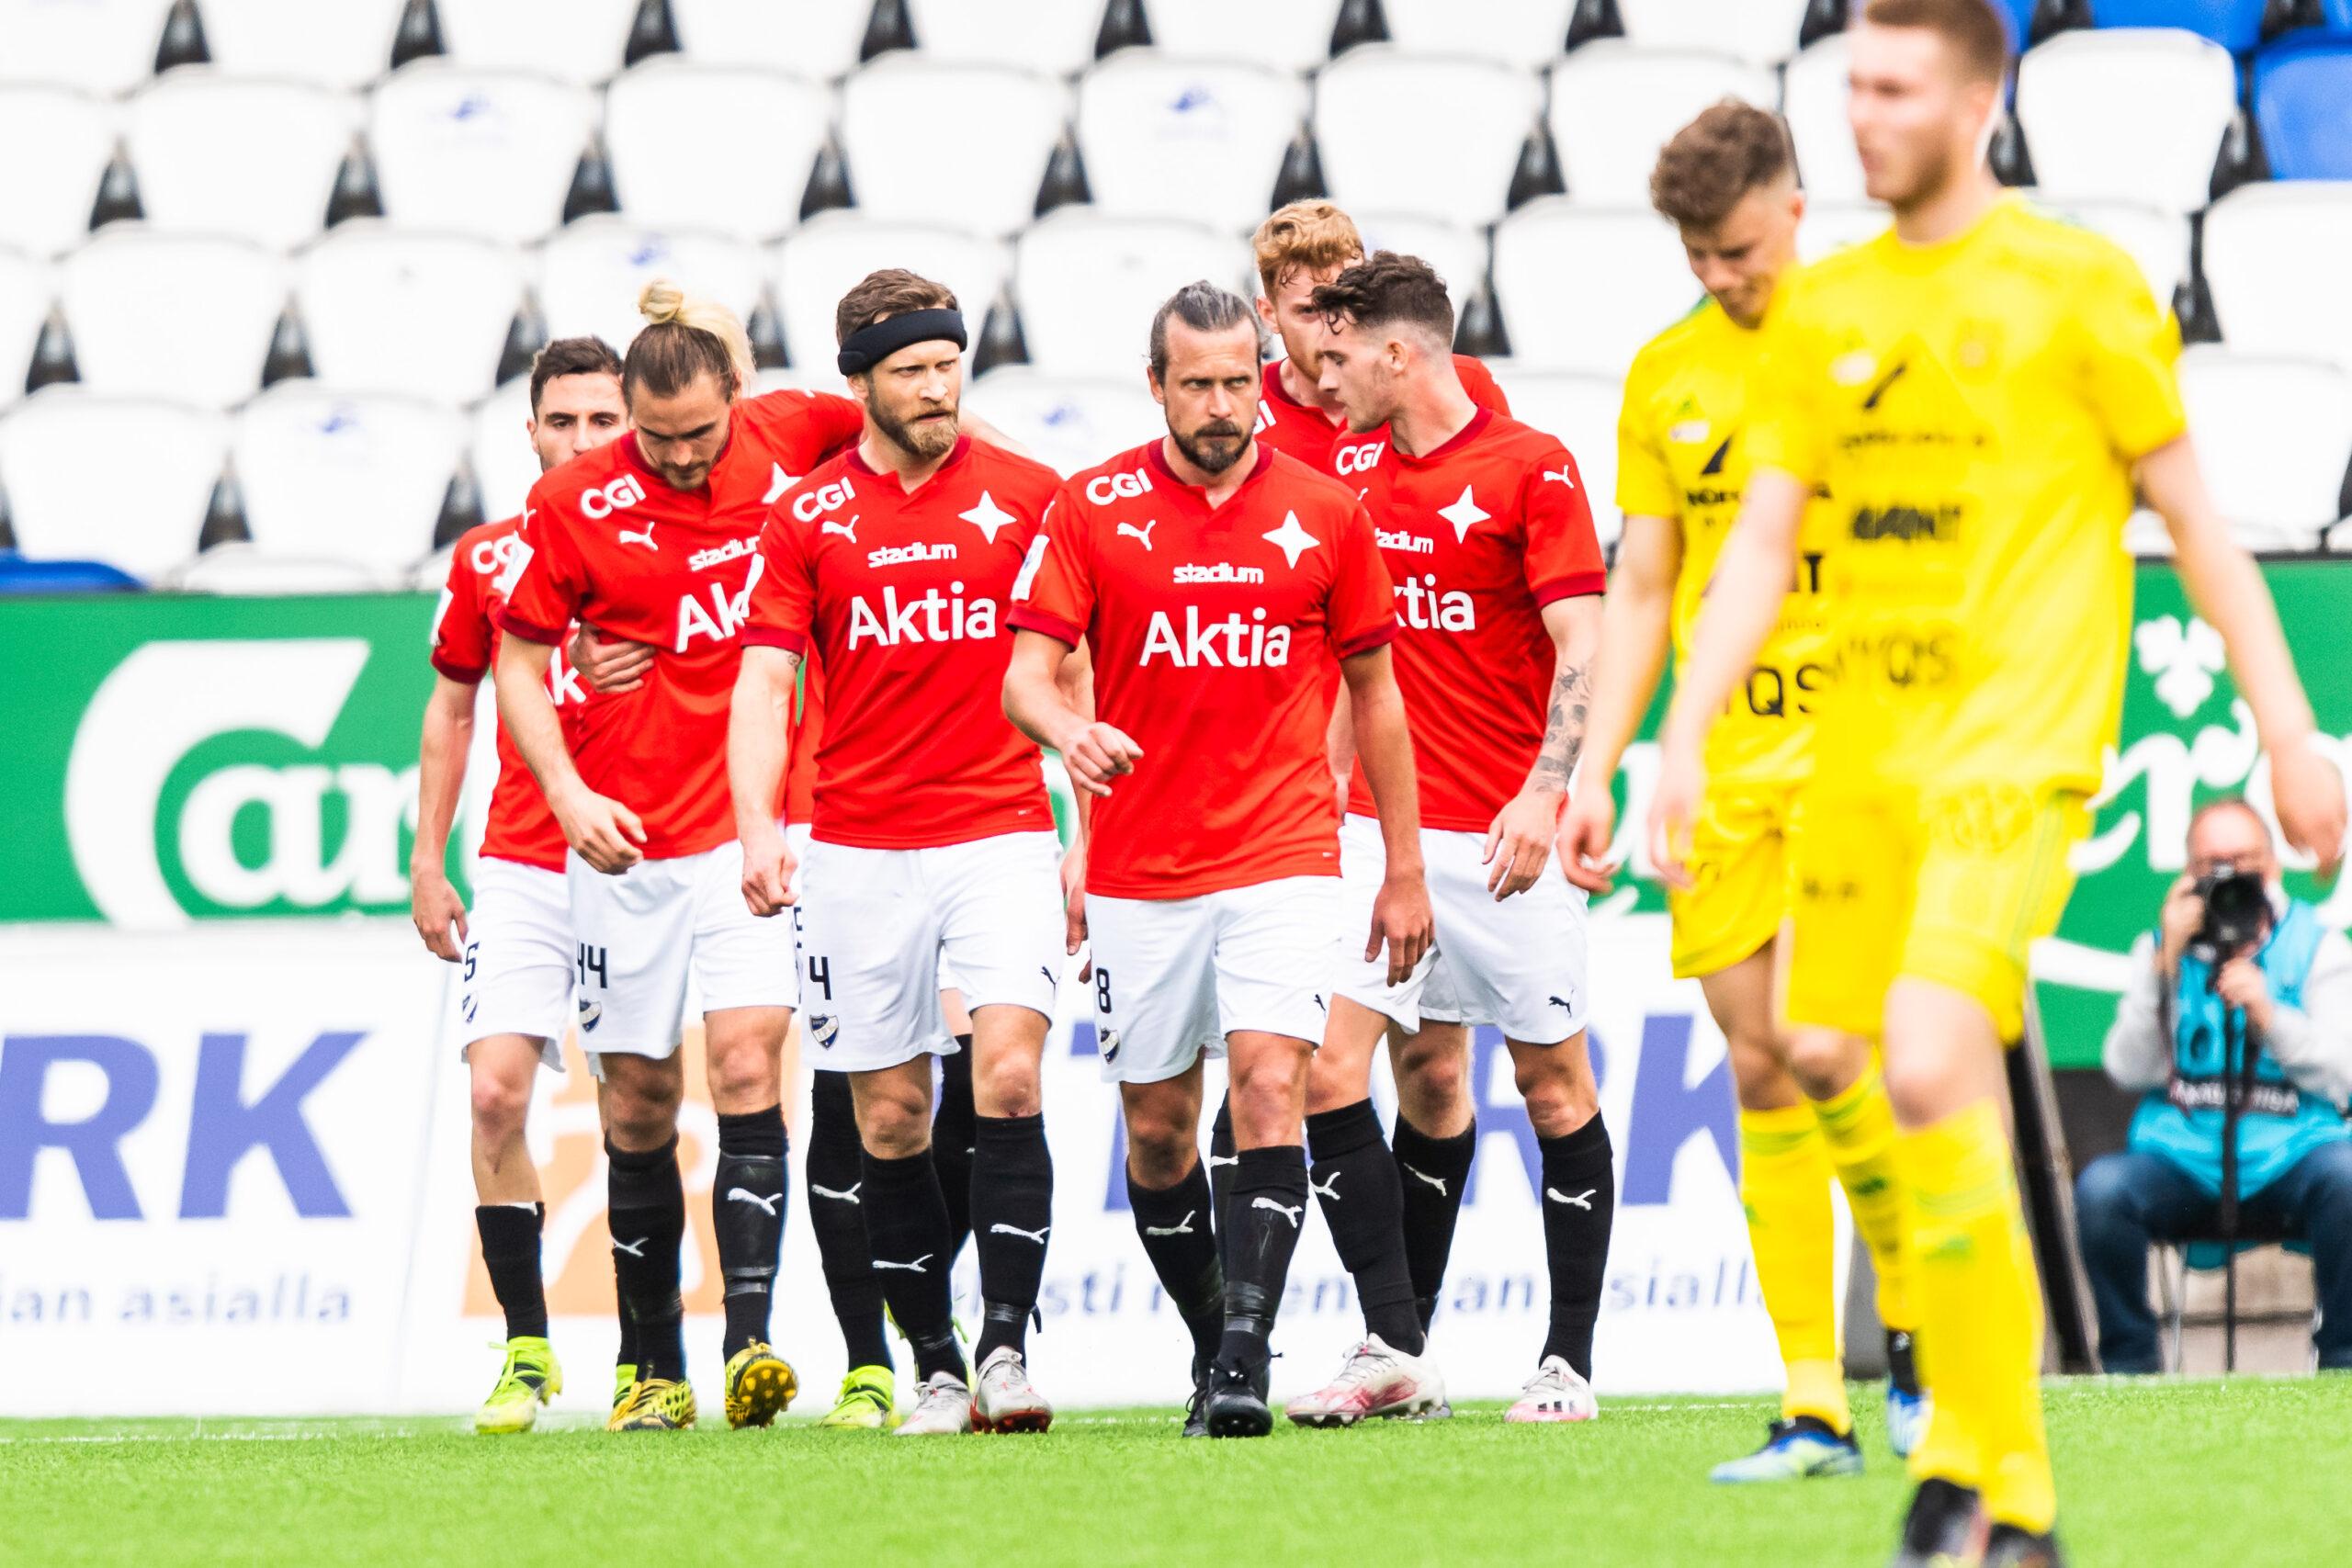 Ilves 90-årsjubileum firas på tisdag då HIFK gästar Tammerfors